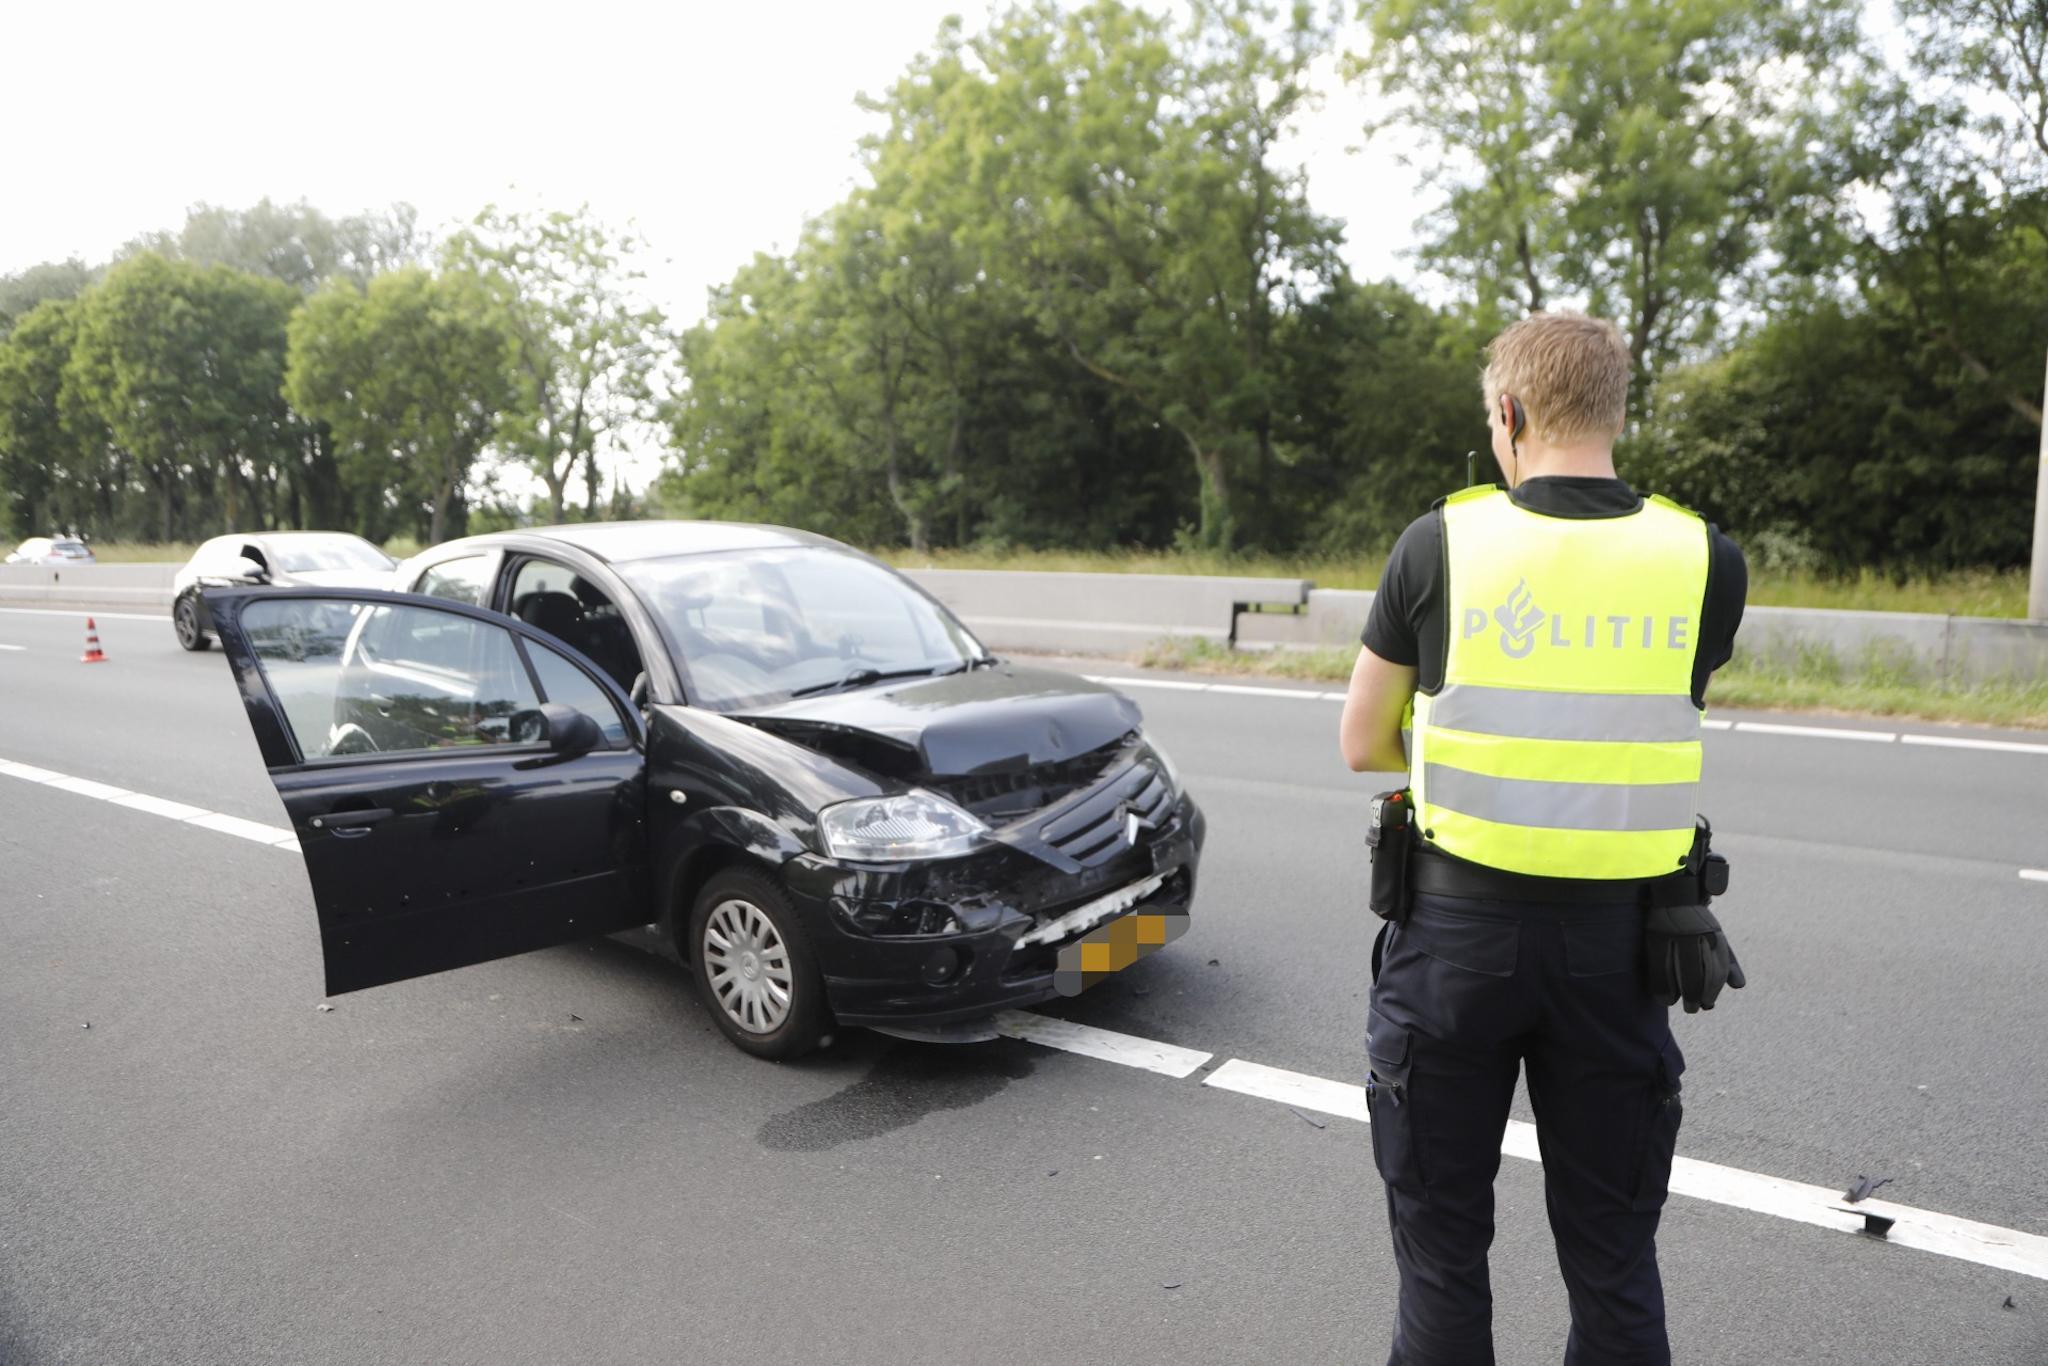 Twee ongelukken op honderd meter afstand op de N205 in Vijfhuizen, vier voertuigen weggesleept